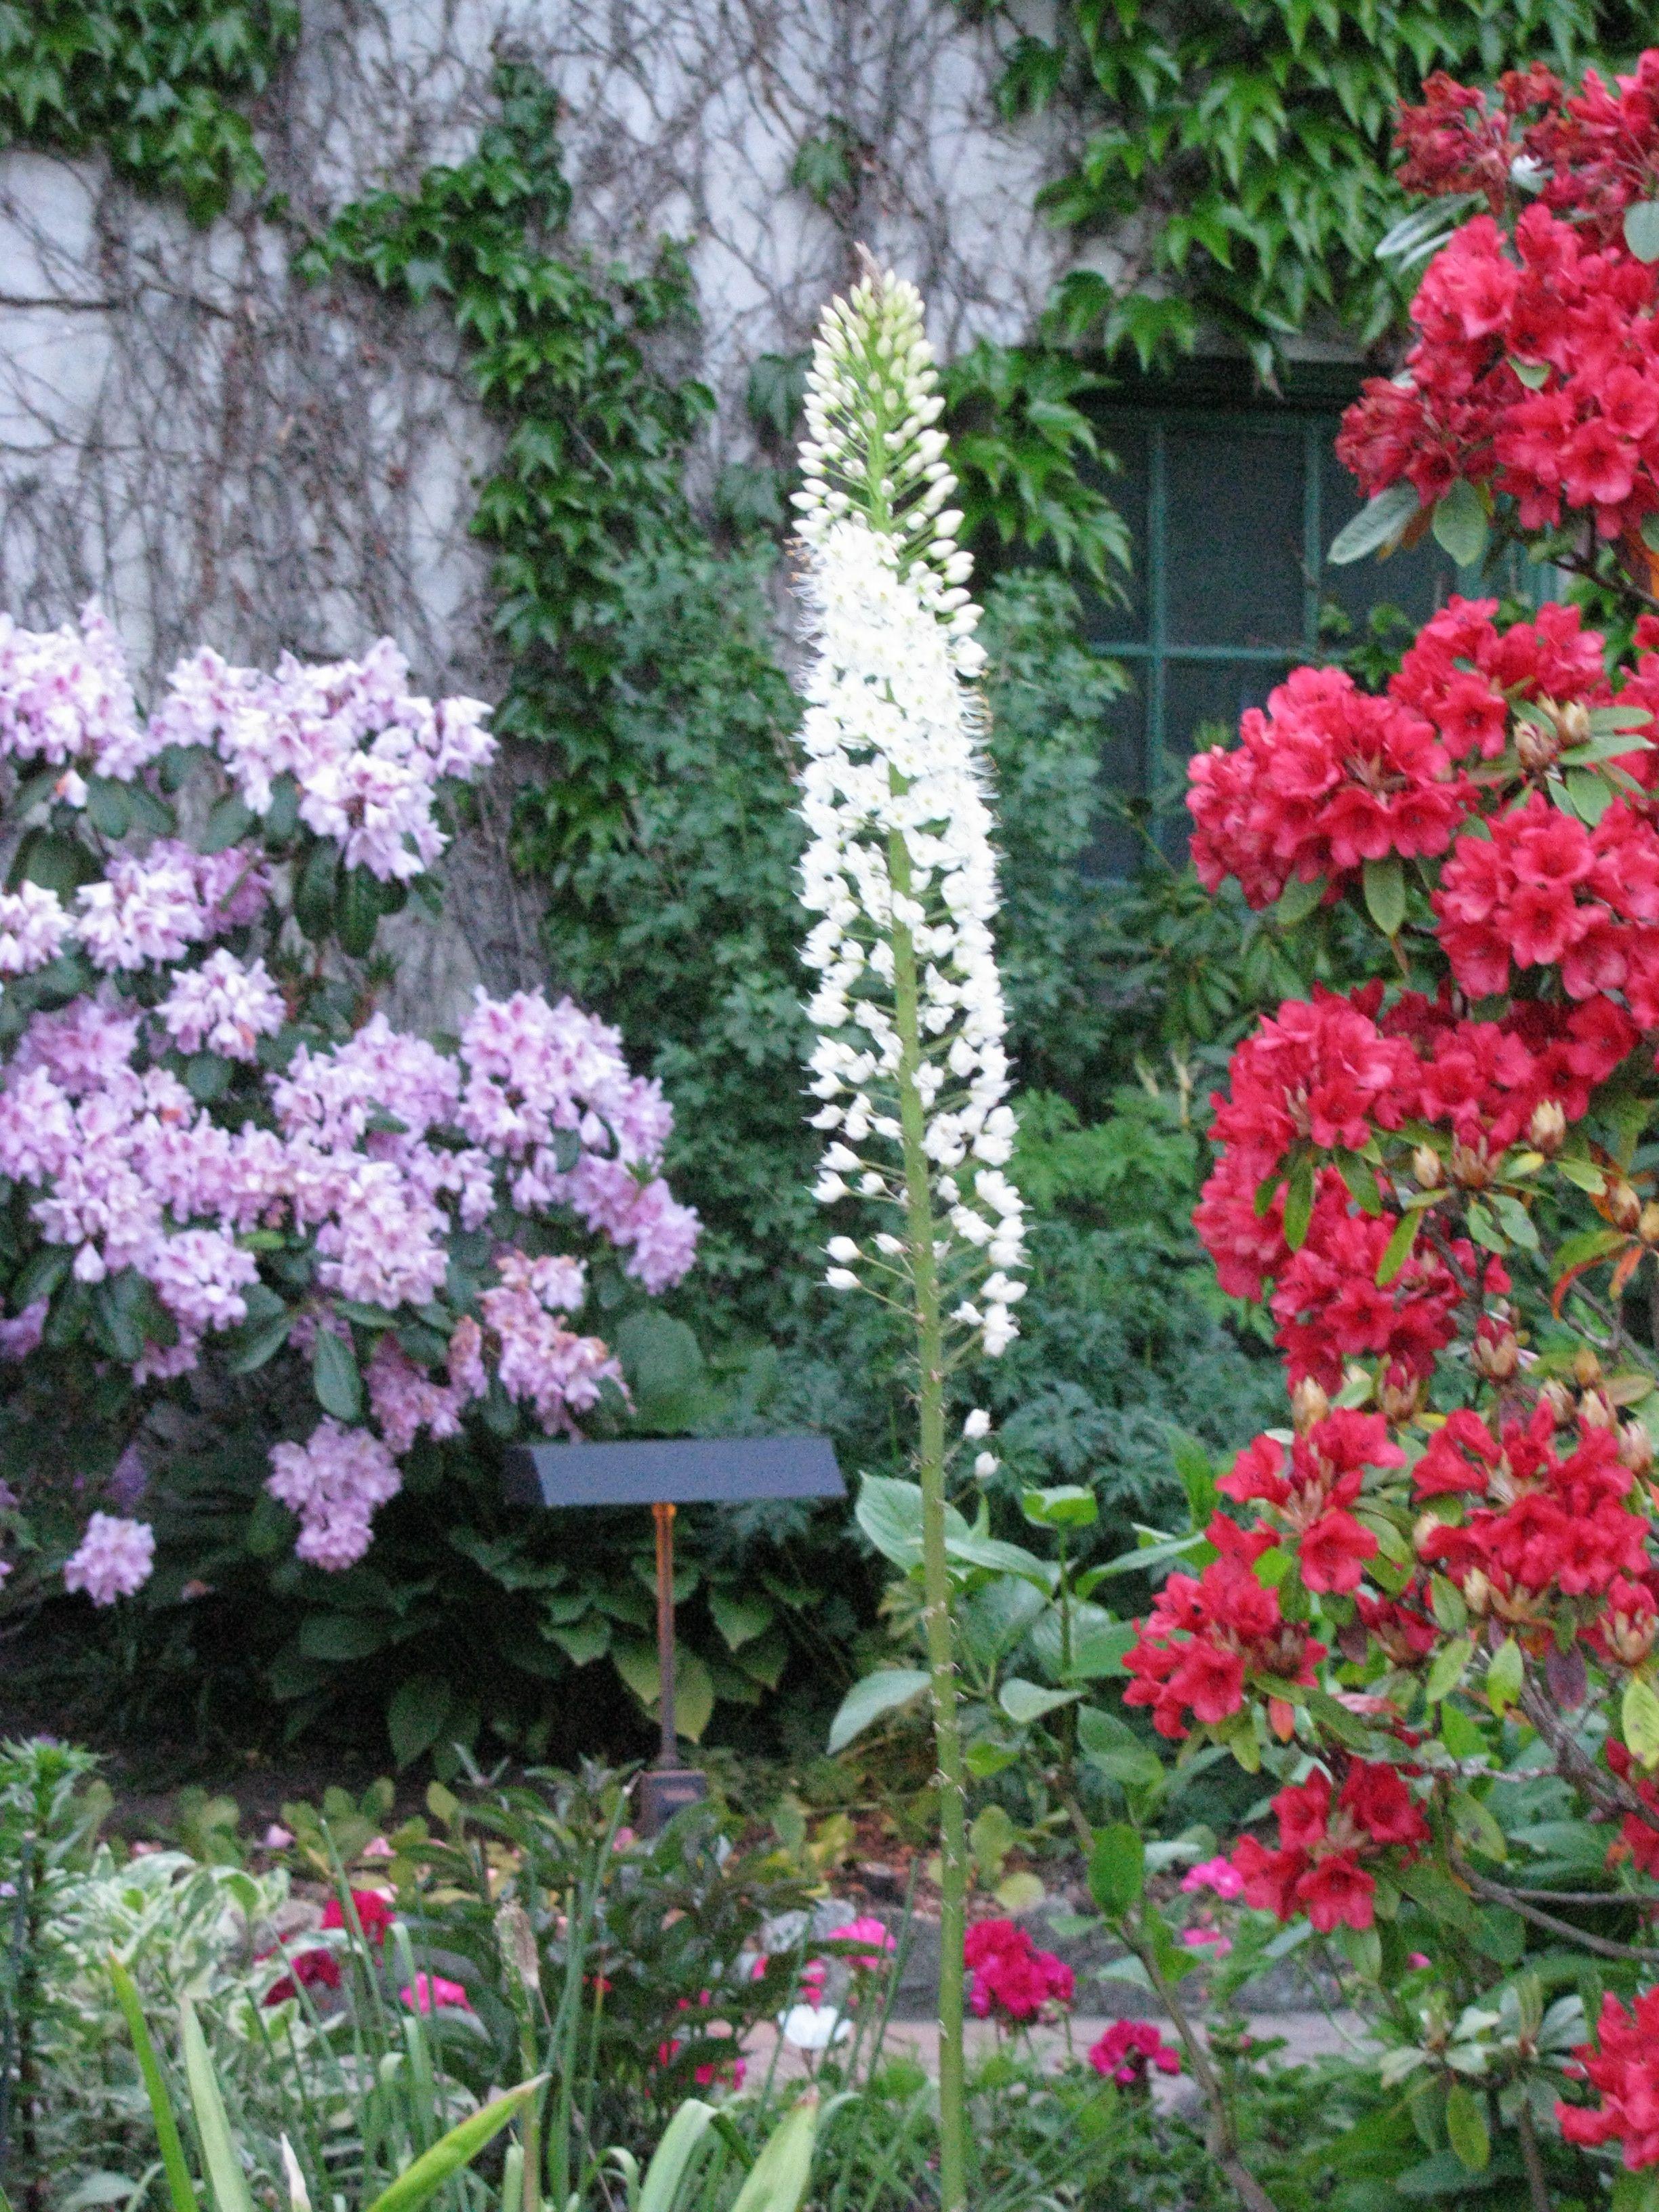 Butchart Gardens Butchart gardens, Olive garden delivery